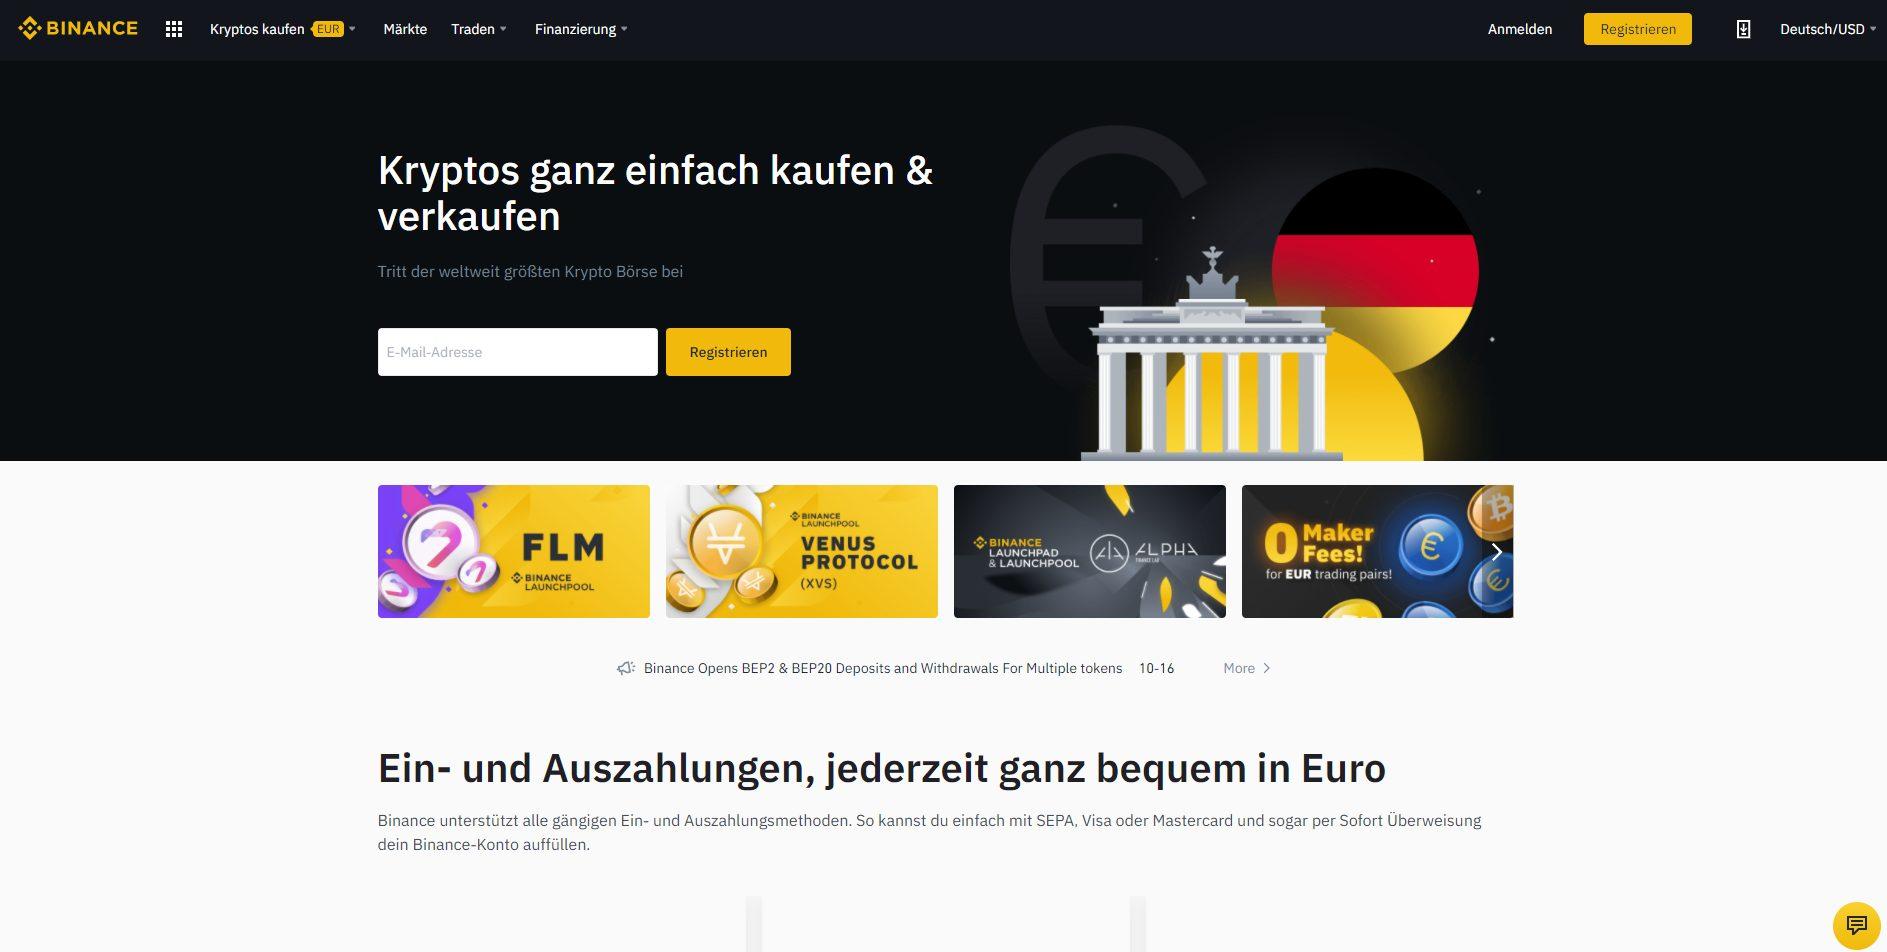 Webseite von Binance